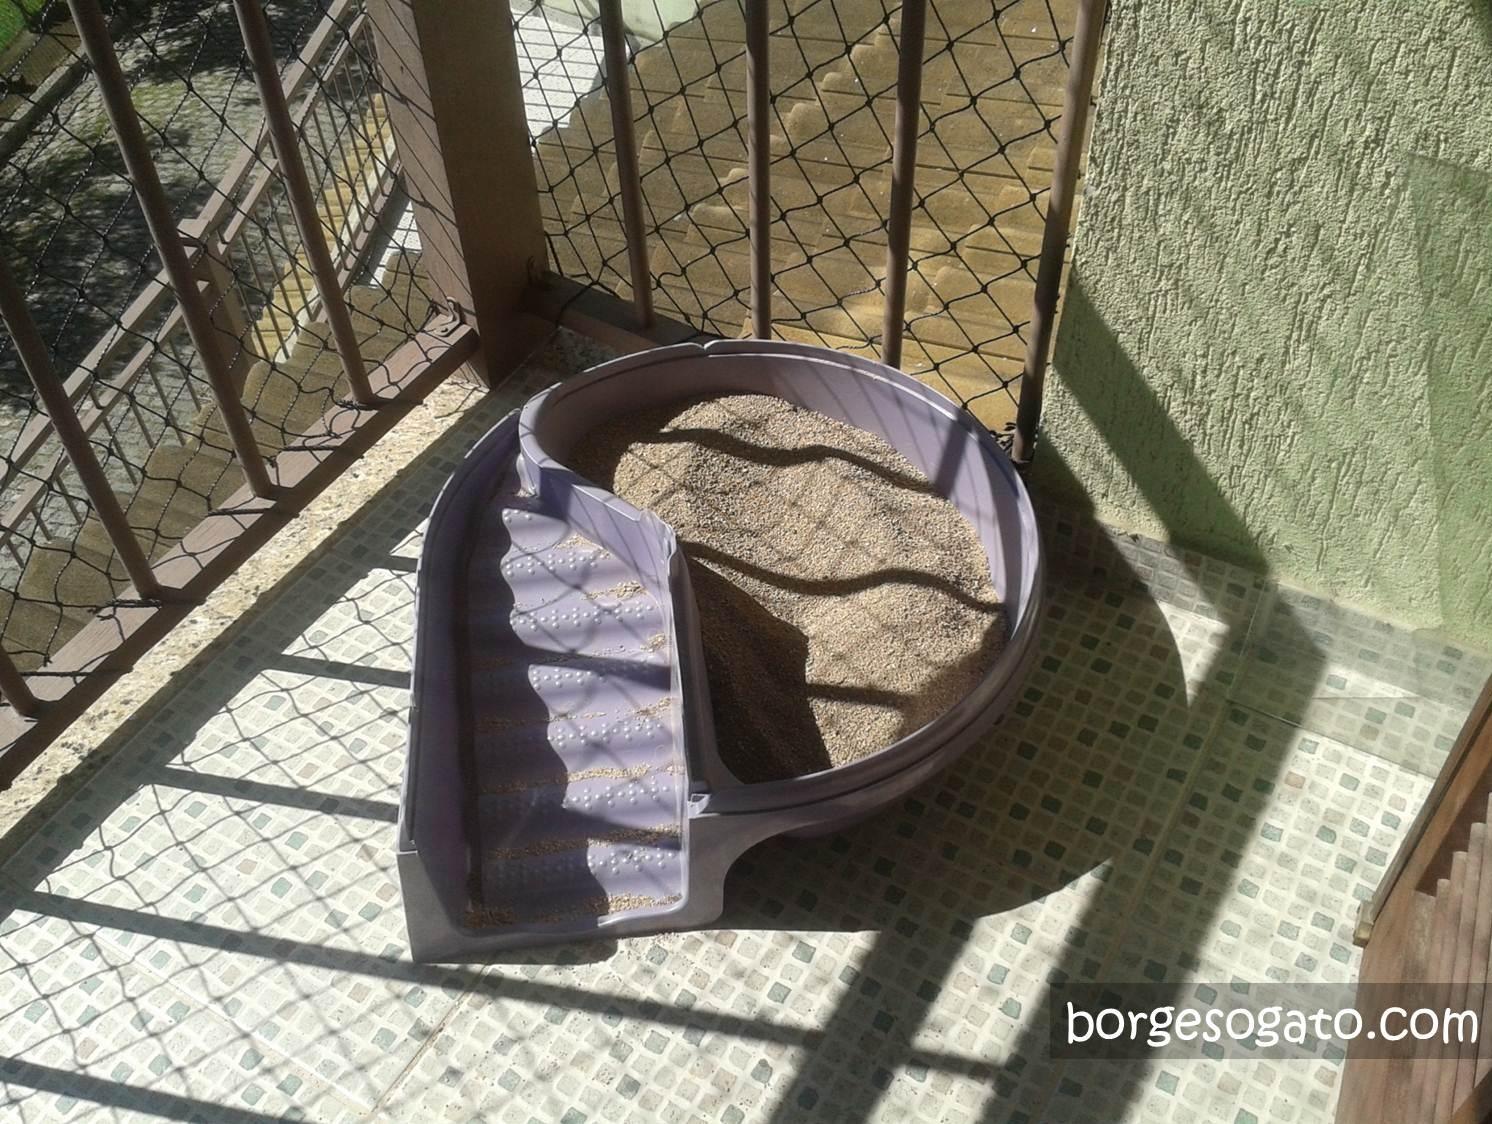 Borges o gato » A refuncionalização do banheiro #7C6A4F 1492 1124